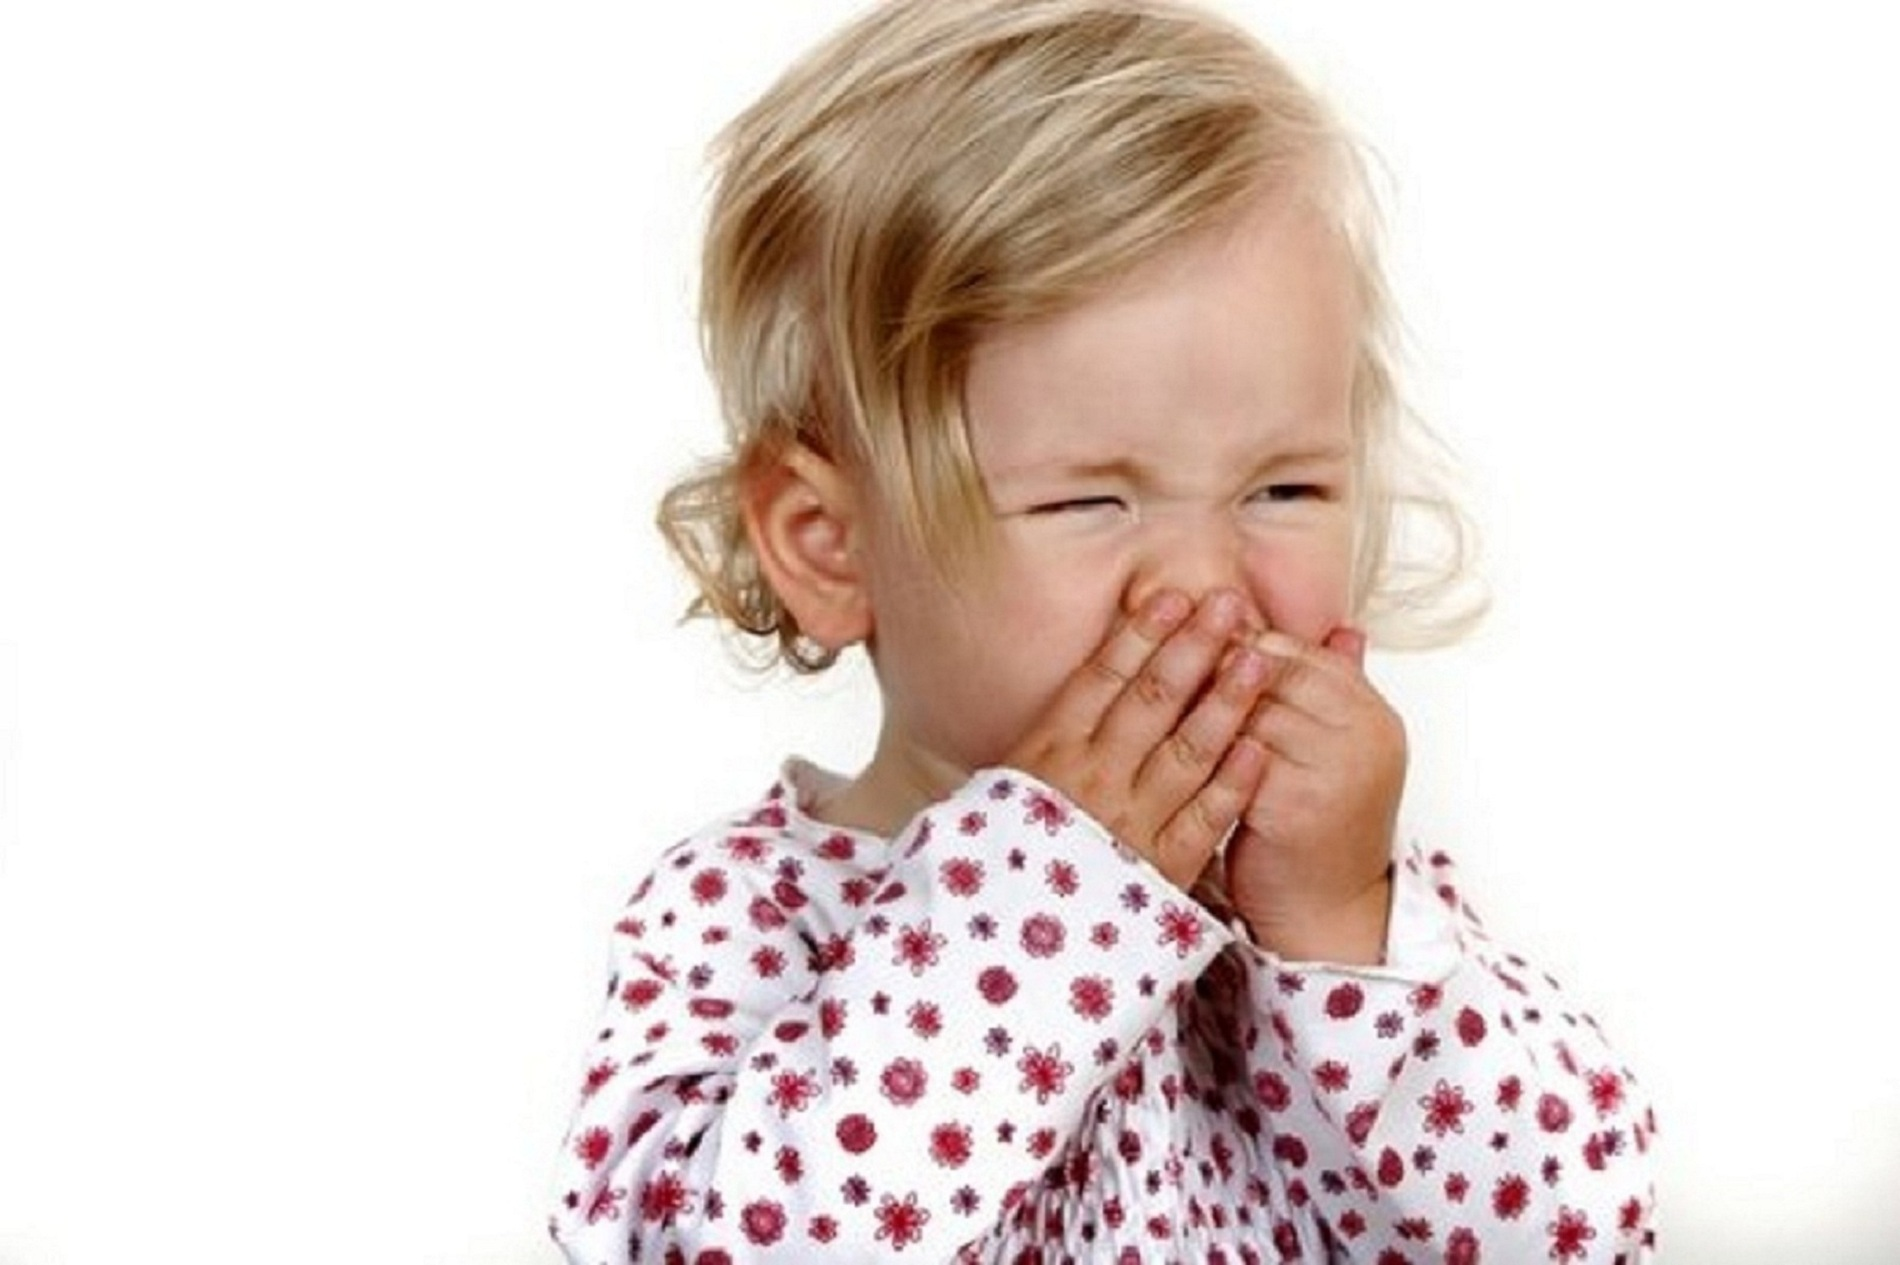 аллергия на сладкое у беременных